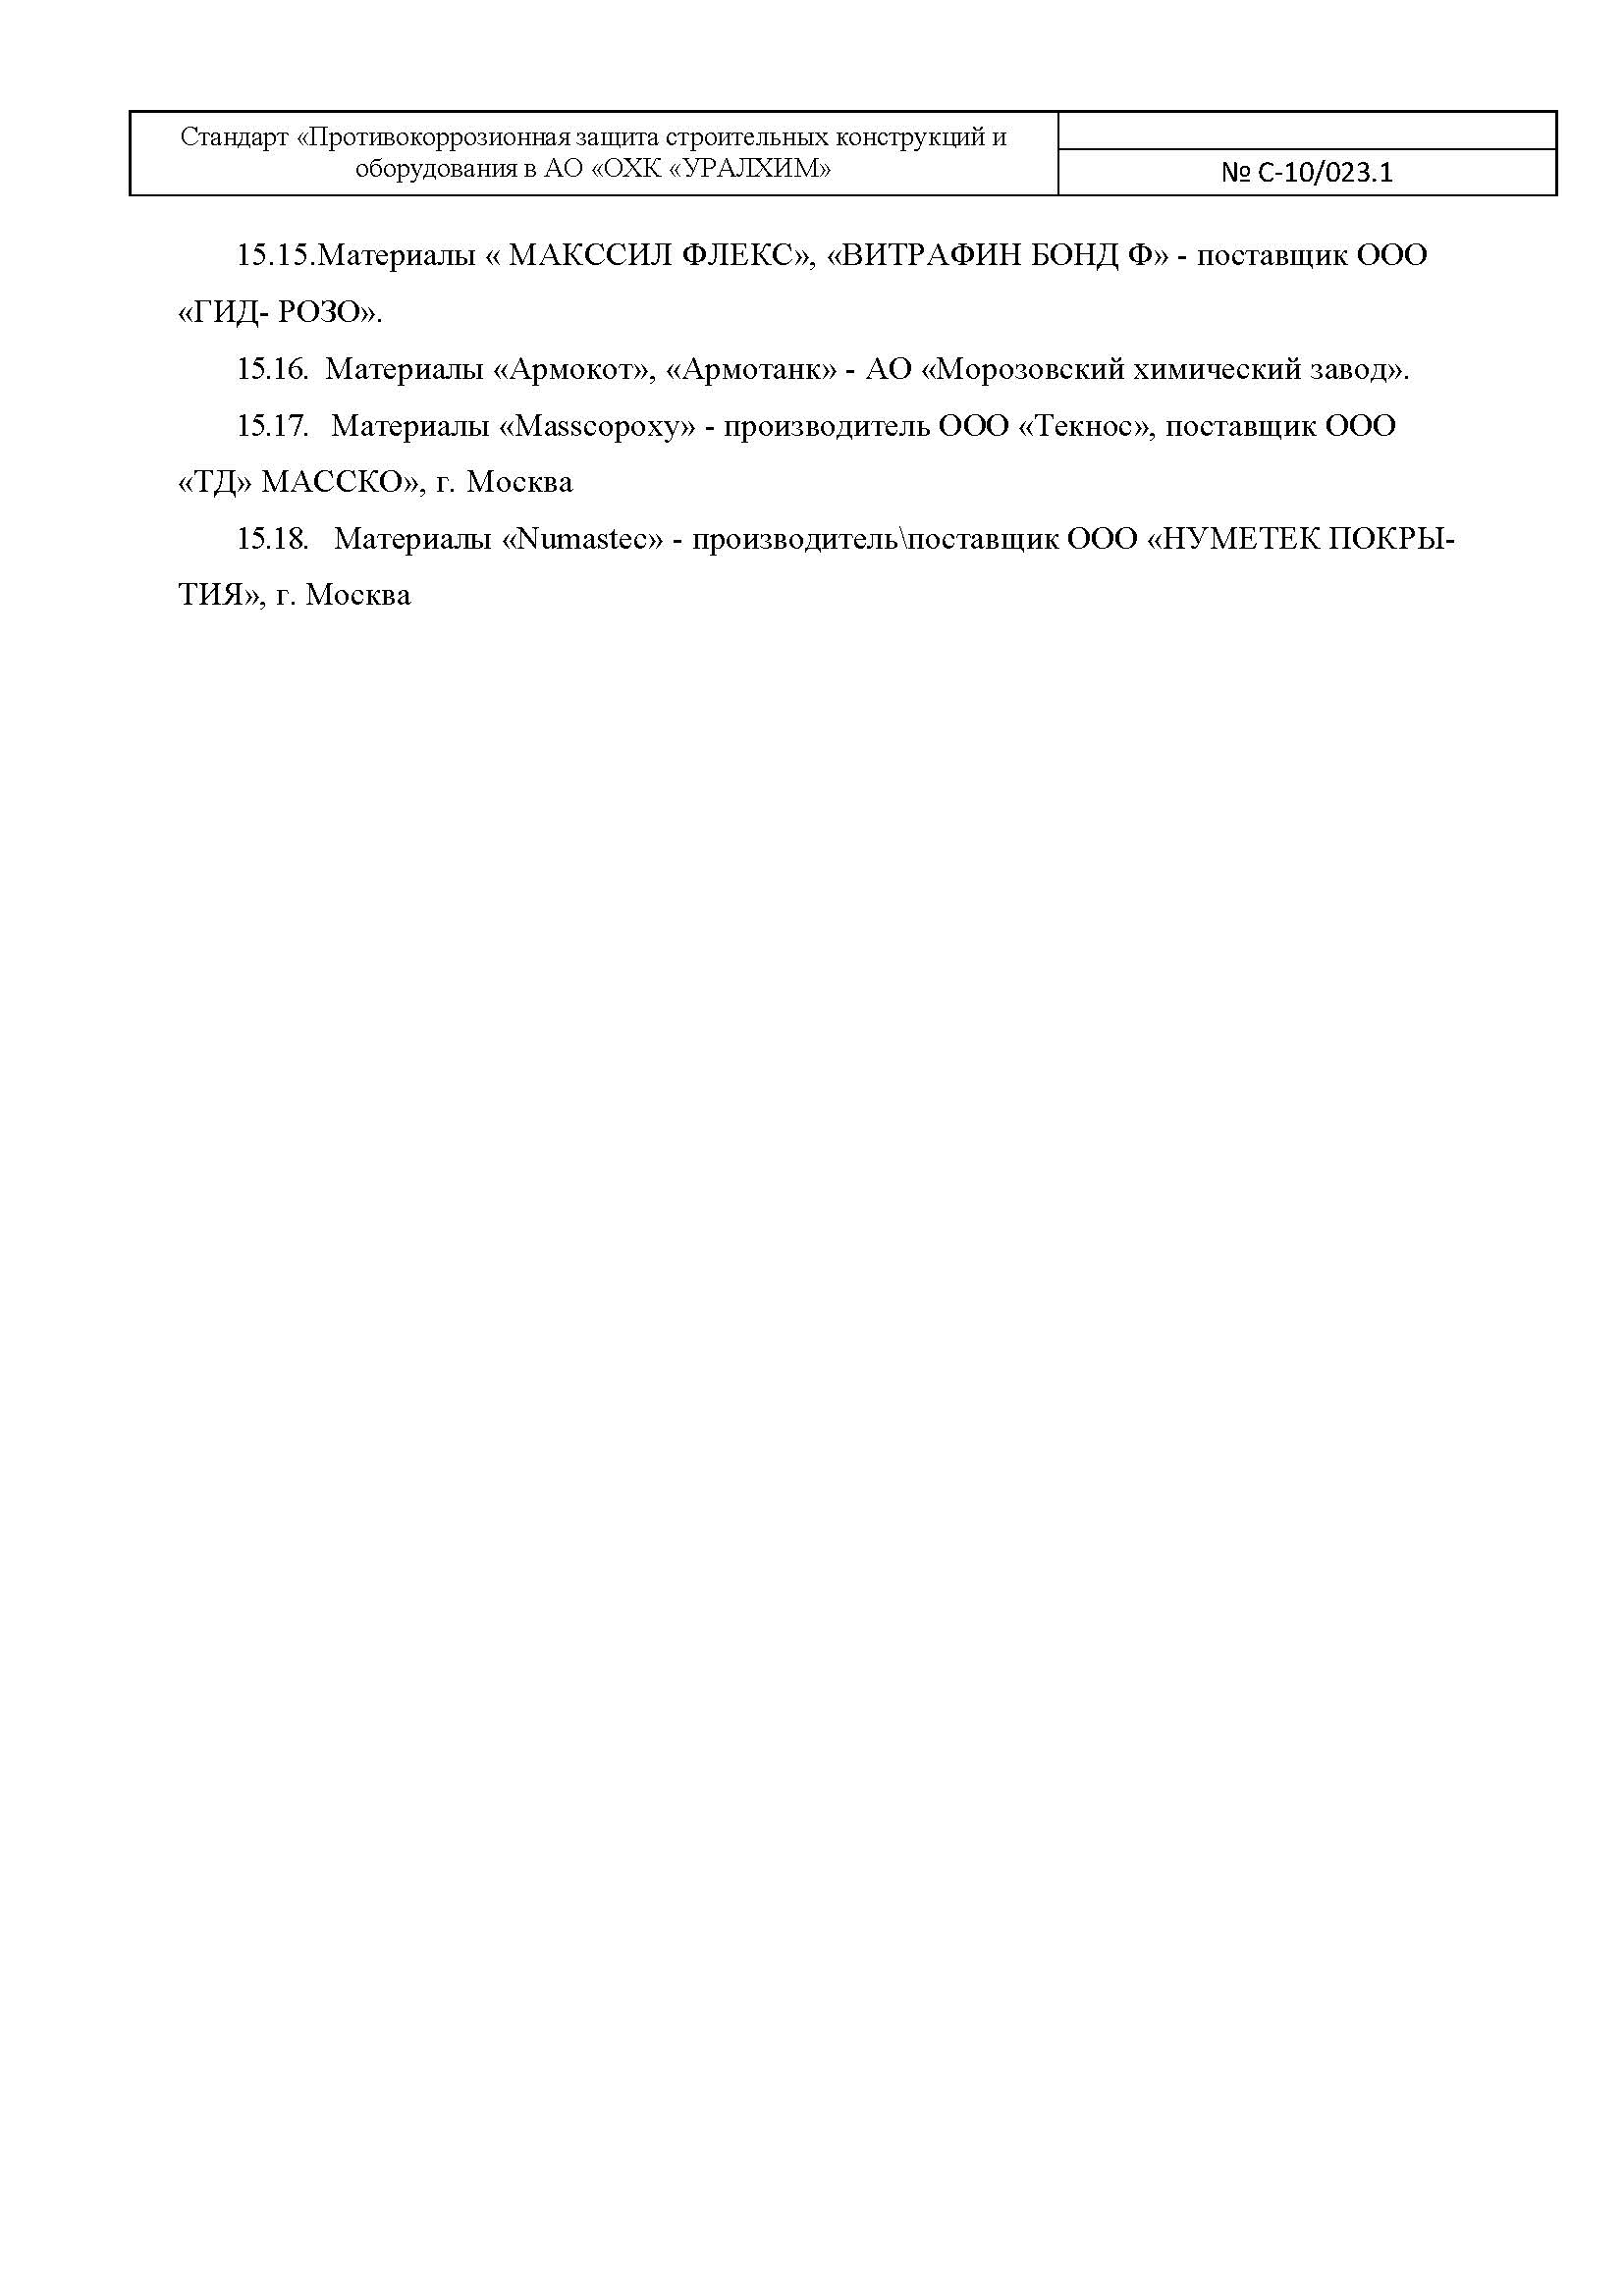 Выписка из Стандарта Противокоррозионная защита строительных конструкций и оборудования АО ОХК УРЛХИМ_Страница_24